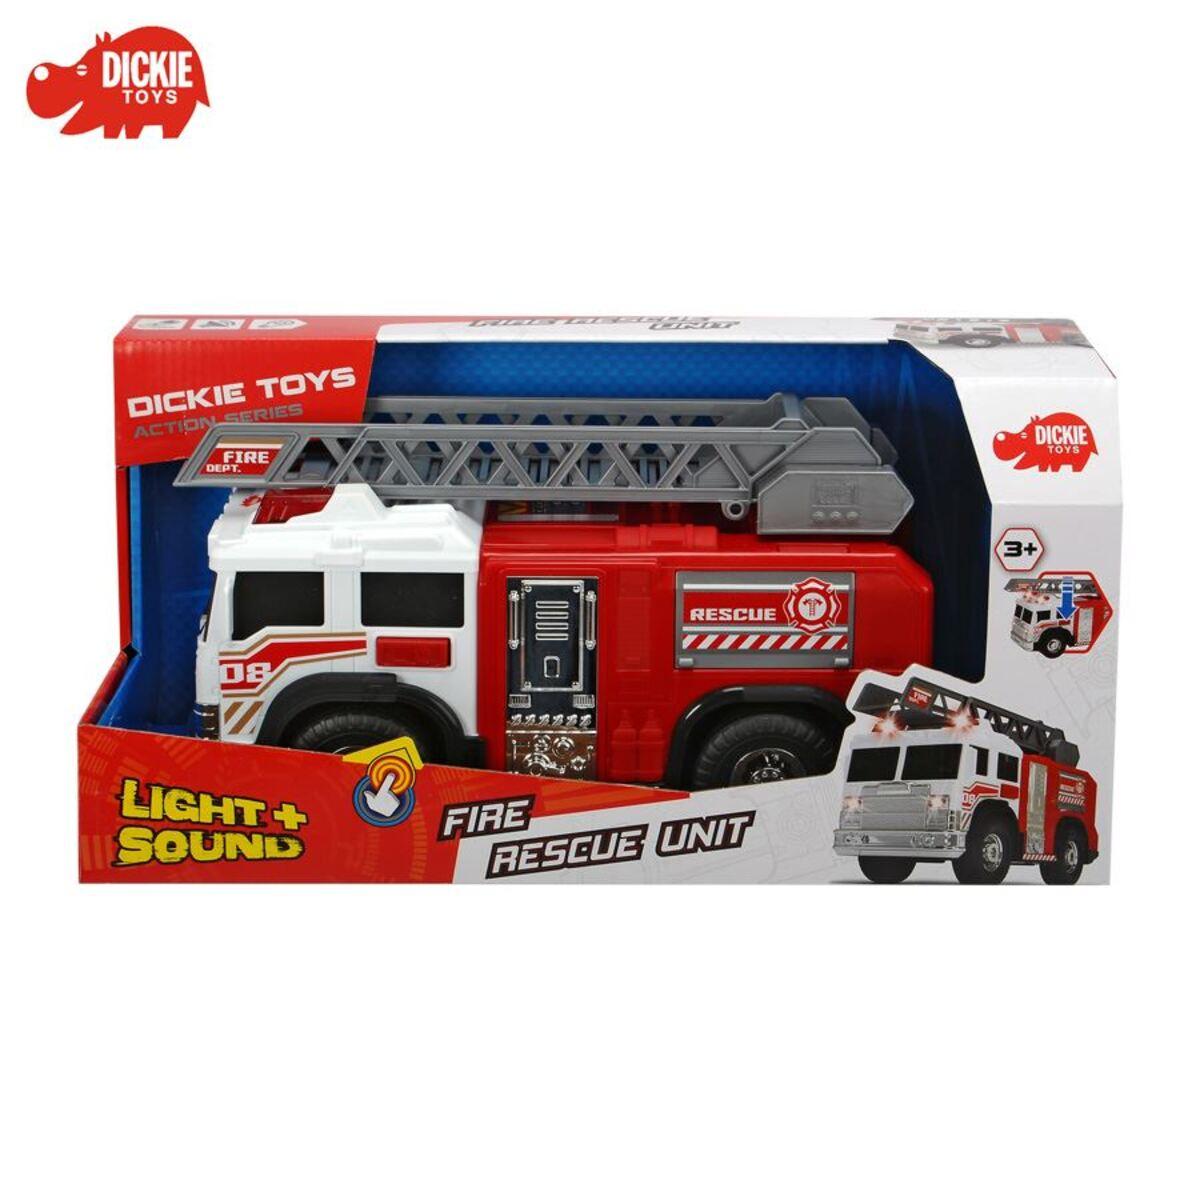 Bild 2 von Dickie Toys Fire Rescue Unit Feuerwehrauto